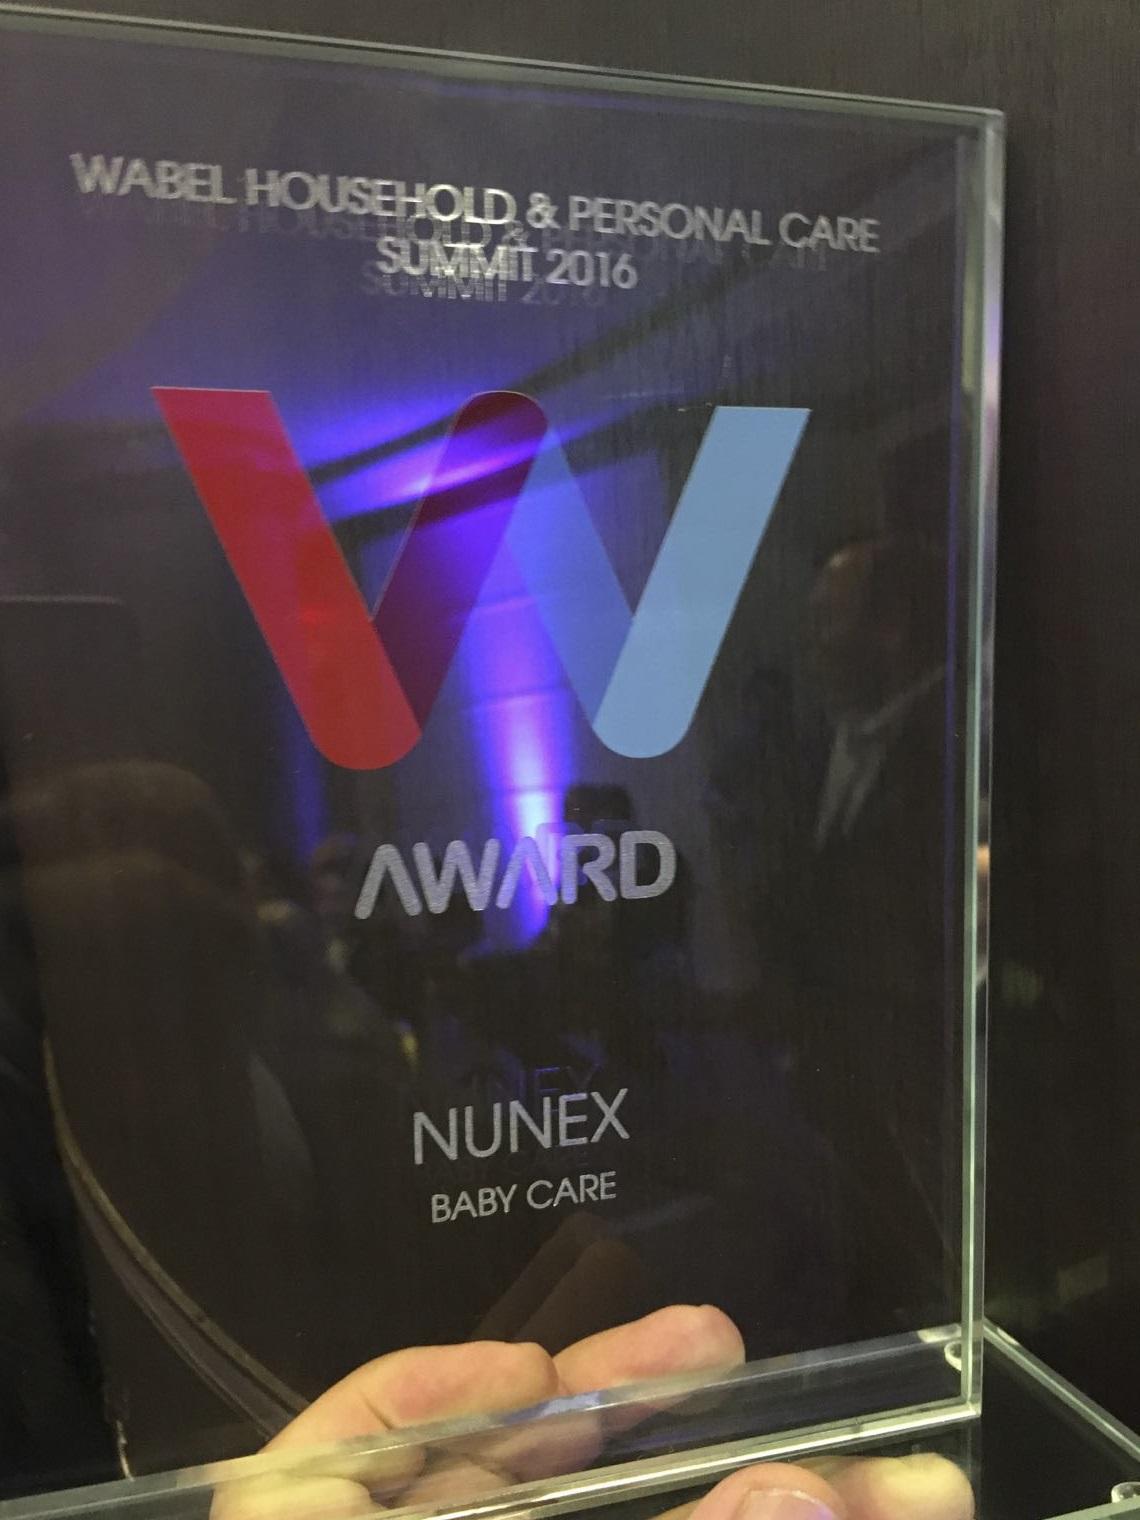 Fraldas de criança 100% portuguesas produzidas pela Nunex ganham prémio europeu de inovação